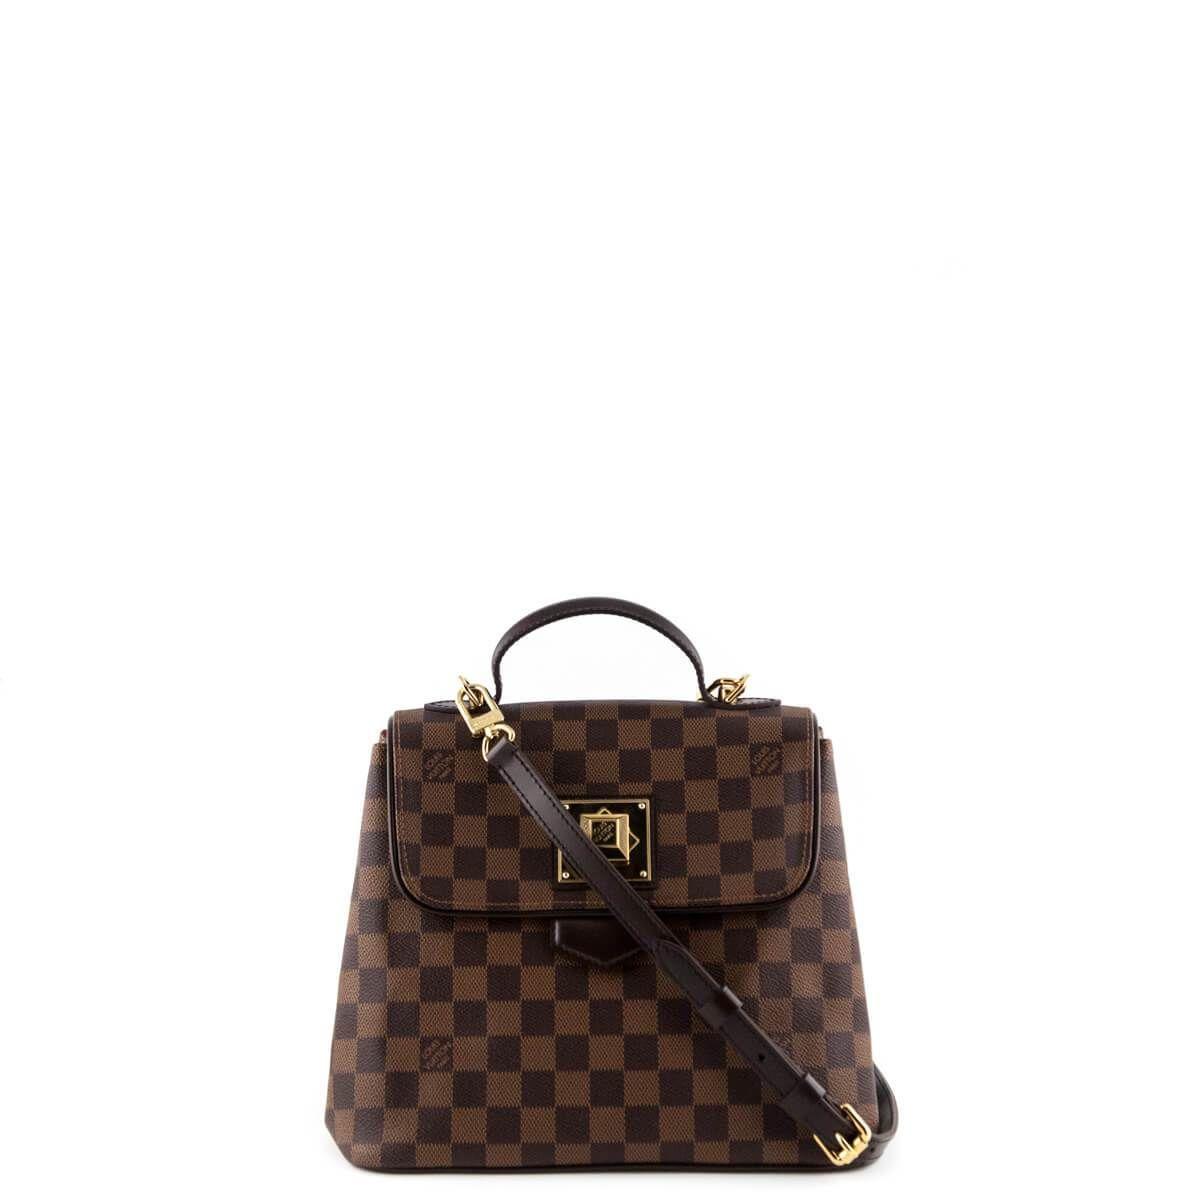 8a45991dc08 Louis Vuitton Damier Ebene Bergamo MM - LOVE that BAG - Preowned Authentic Designer  Handbags -